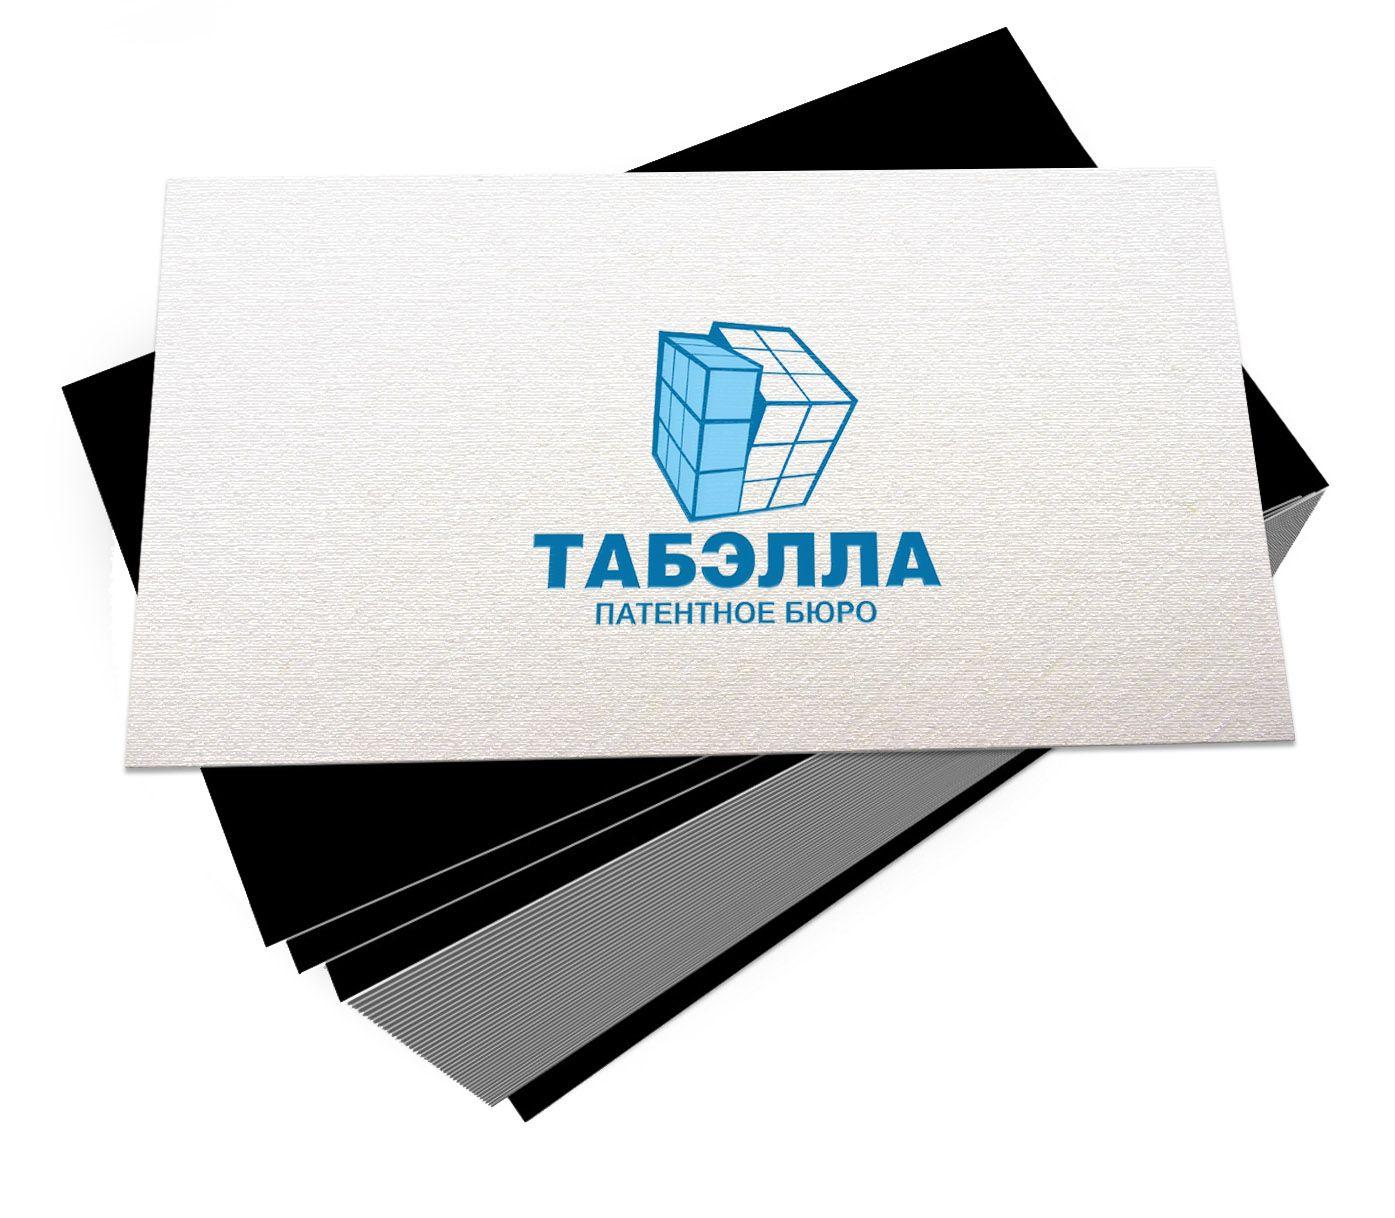 Сделать flat & simple логотип юридической компании - дизайнер Scorp